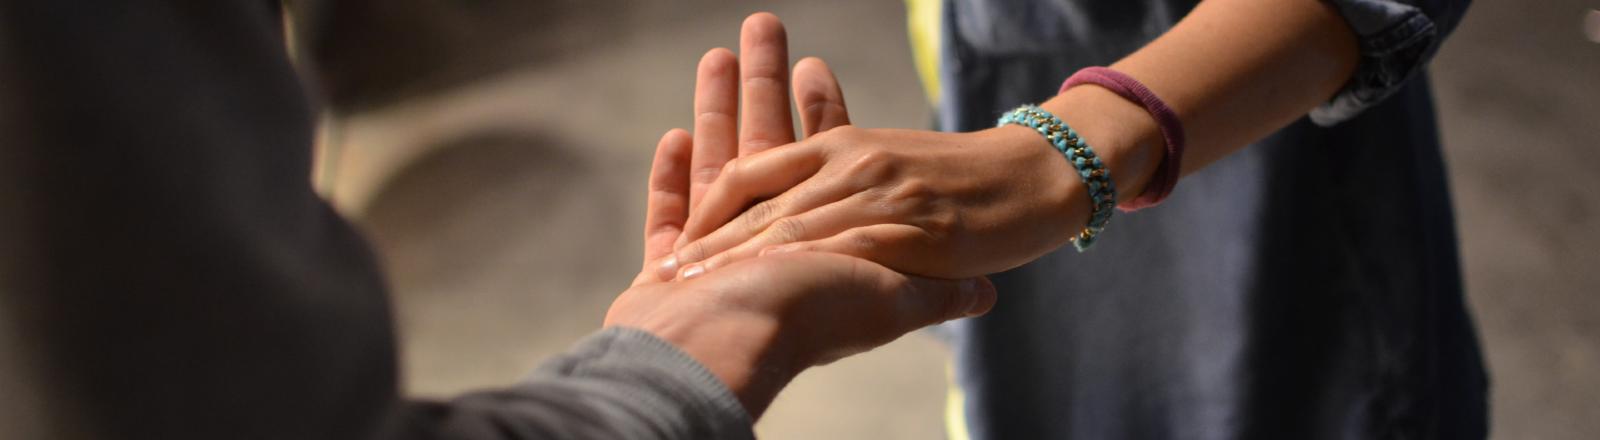 Eine Frau schlägt in eine andere Hand ein